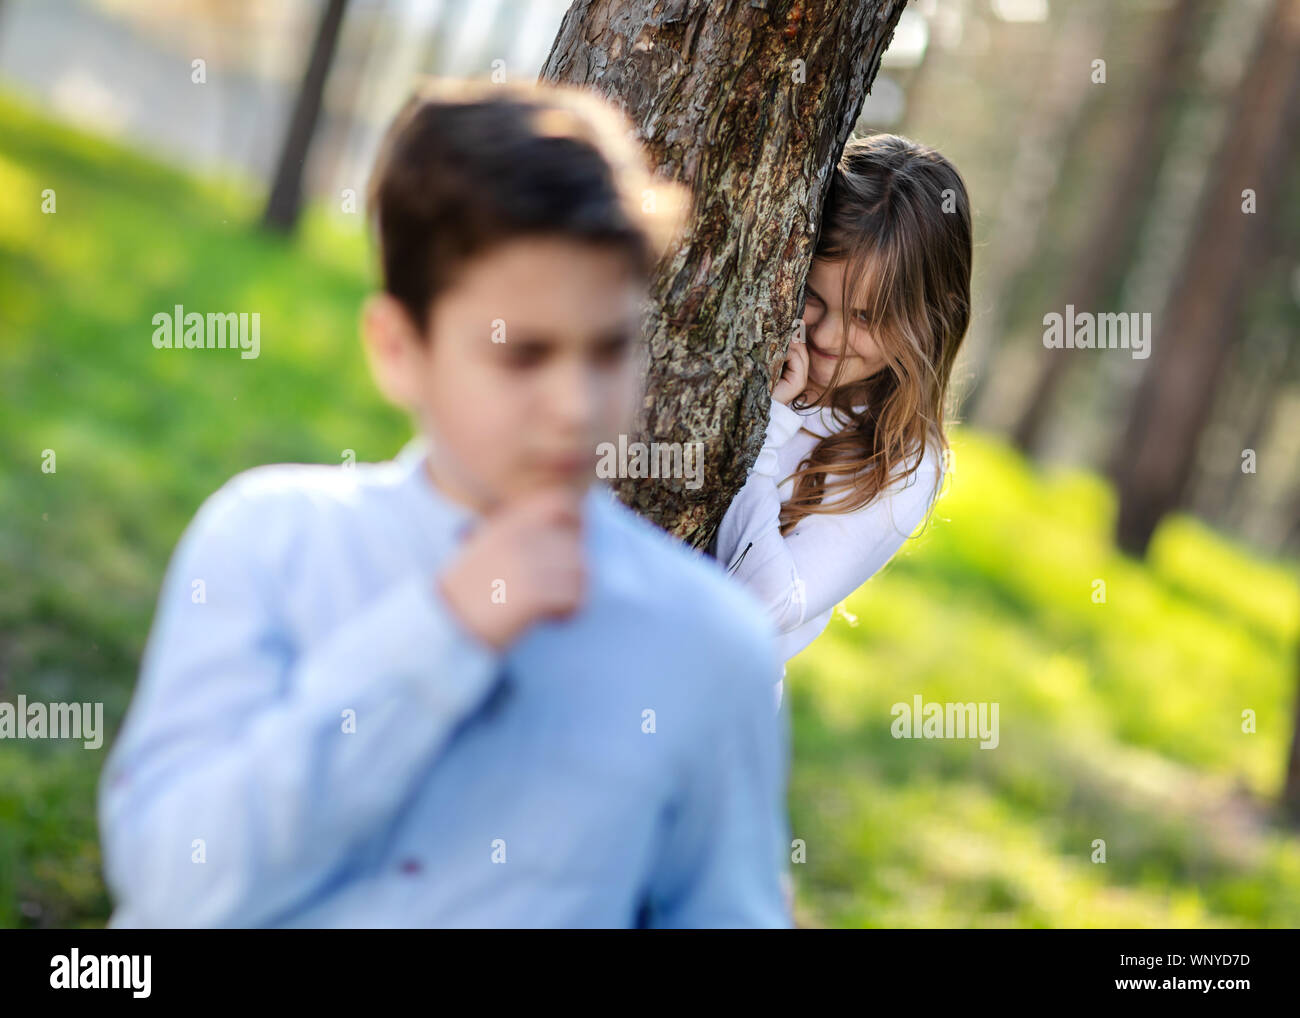 Hide Seek Kids: Children Child Young Boy Watching Stock Photos & Children